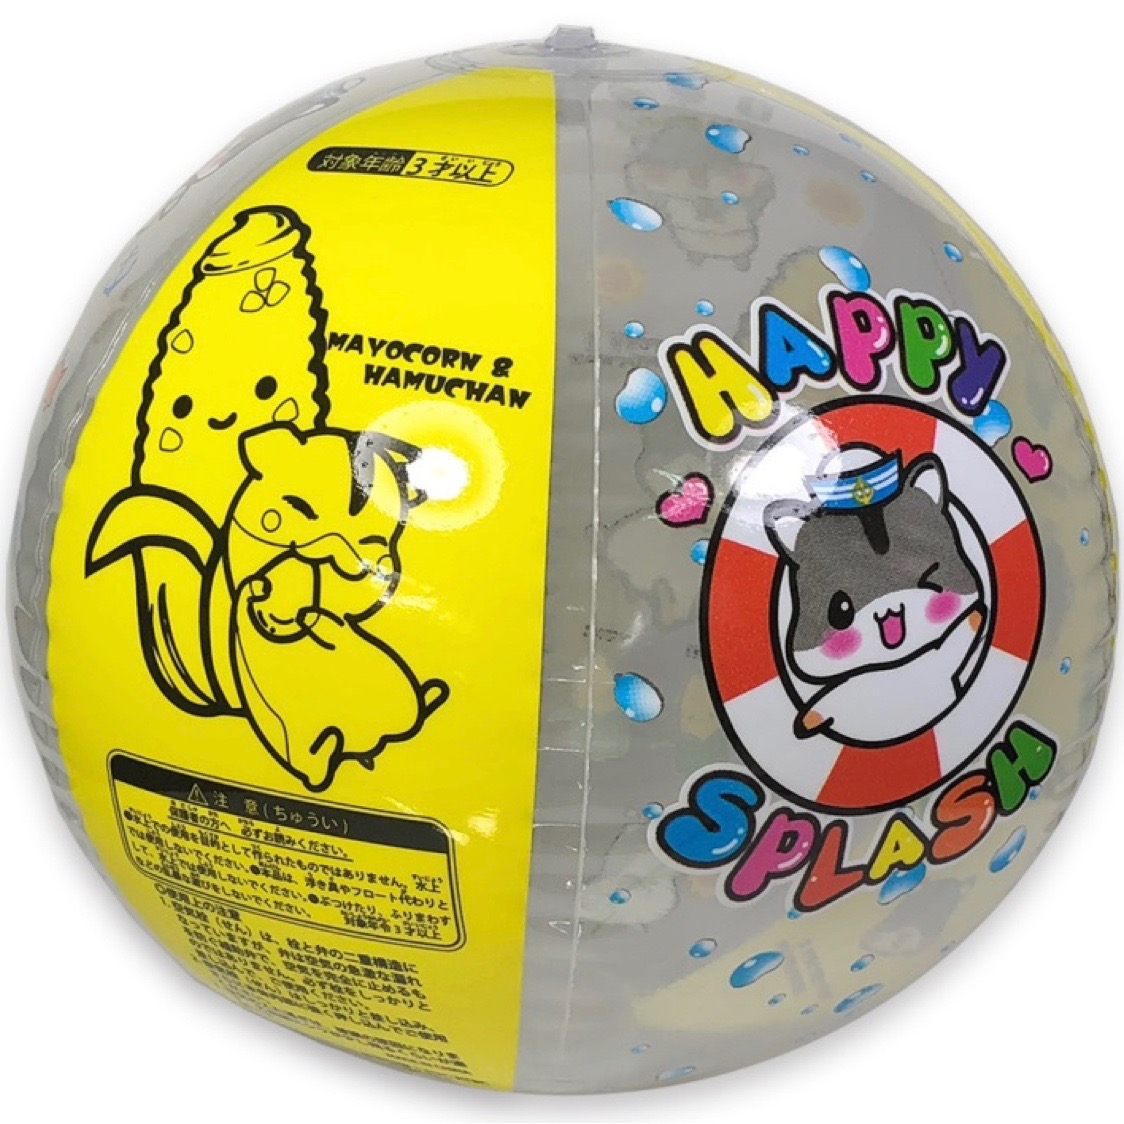 ビーチボール(Happy&splash)